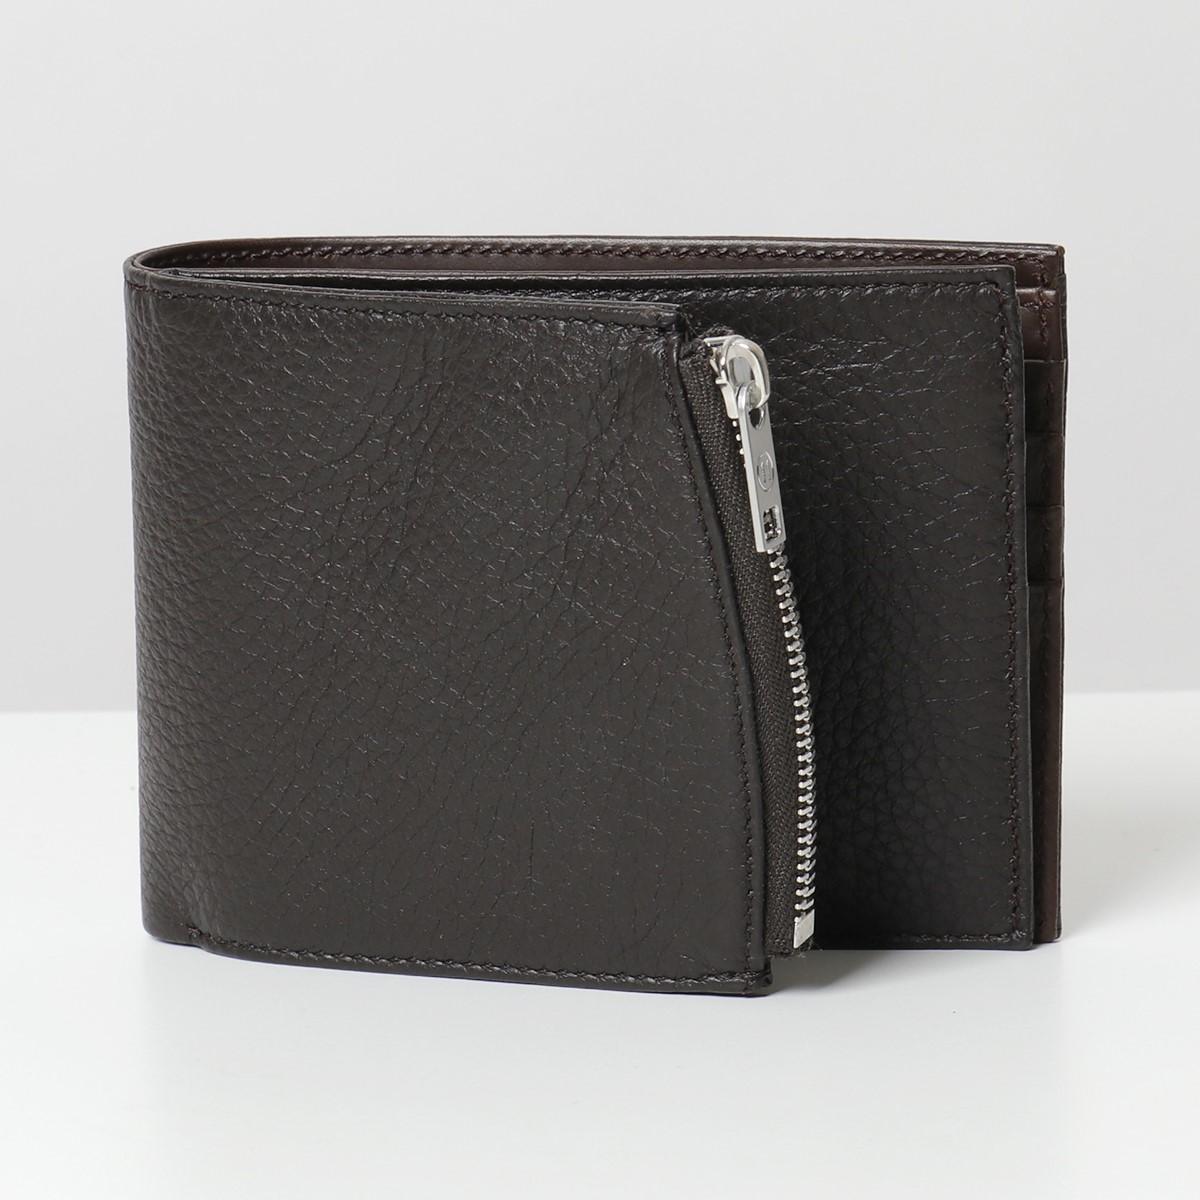 MAISON MARGIELA メゾンマルジェラ 11 S35UI0436 P2686 レザー 二つ折り財布 スモール財布 小銭入れ付き T2154 メンズ